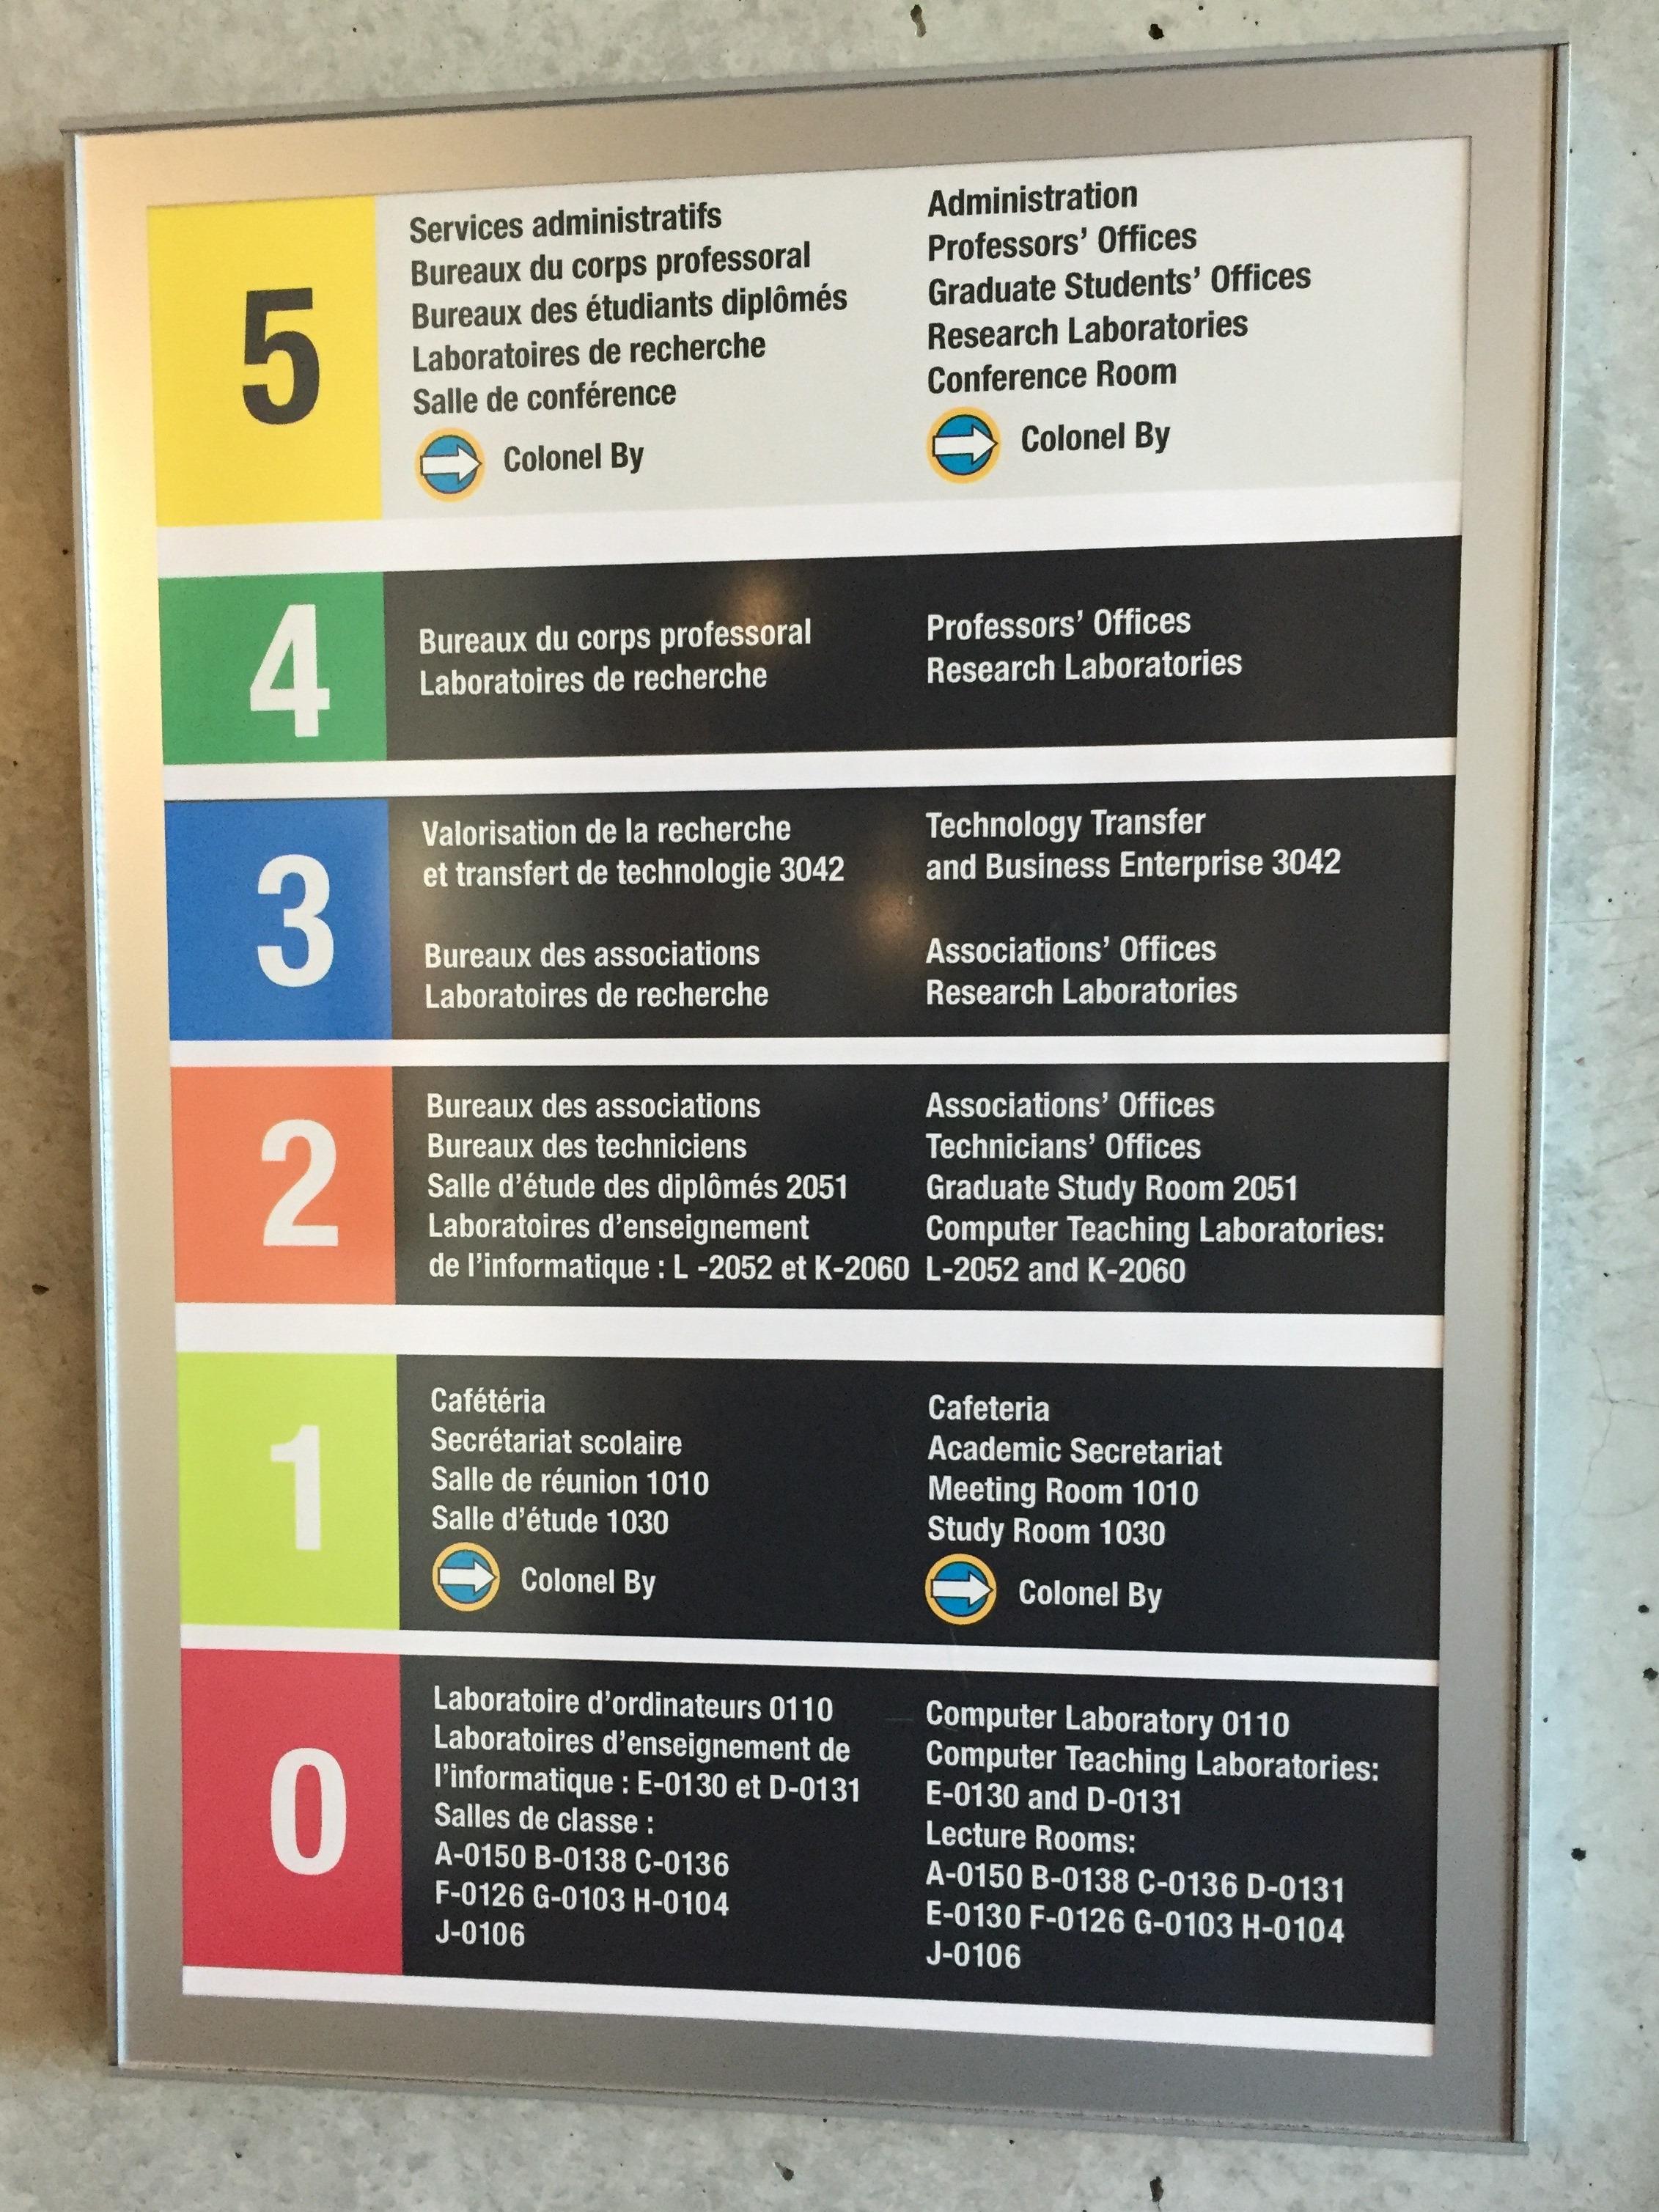 image of floor directory